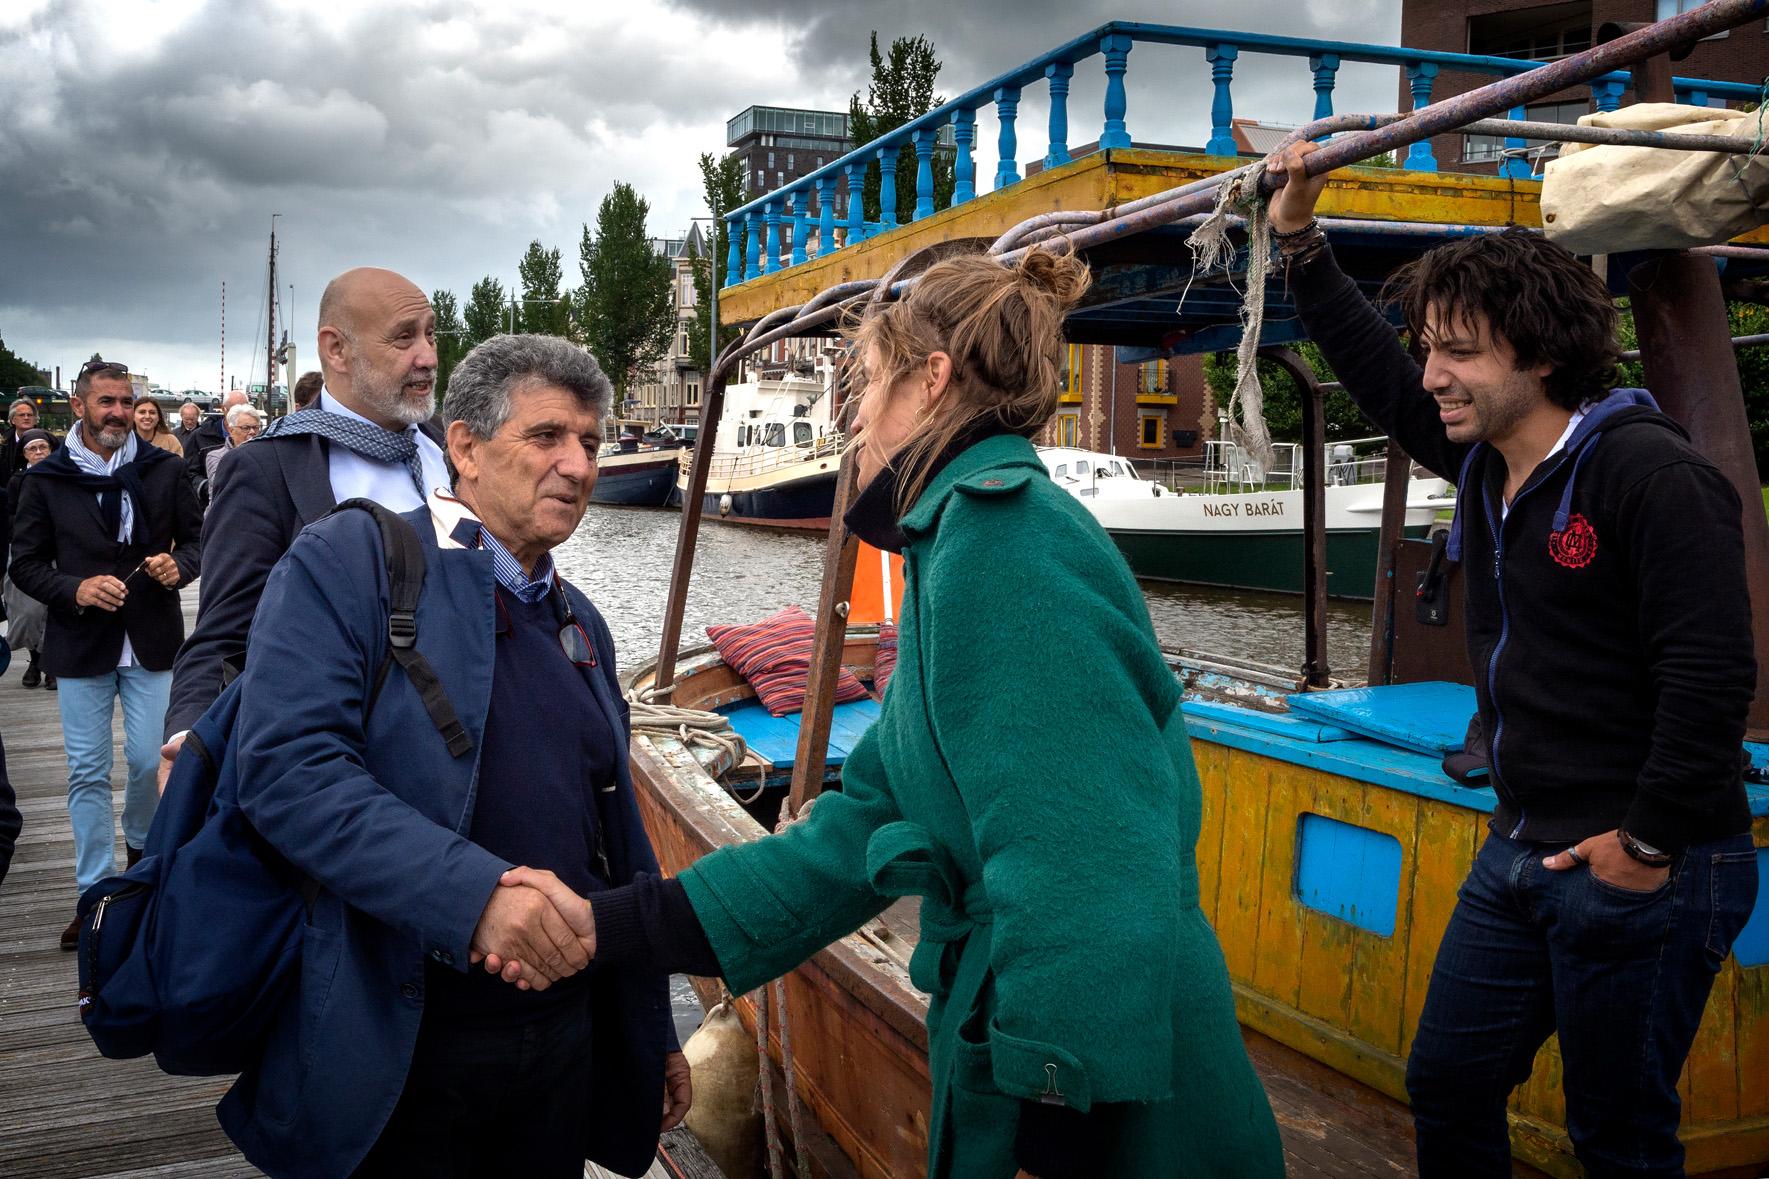 Bartólo stapt op de Lampedusa-boot zat 23jun2018